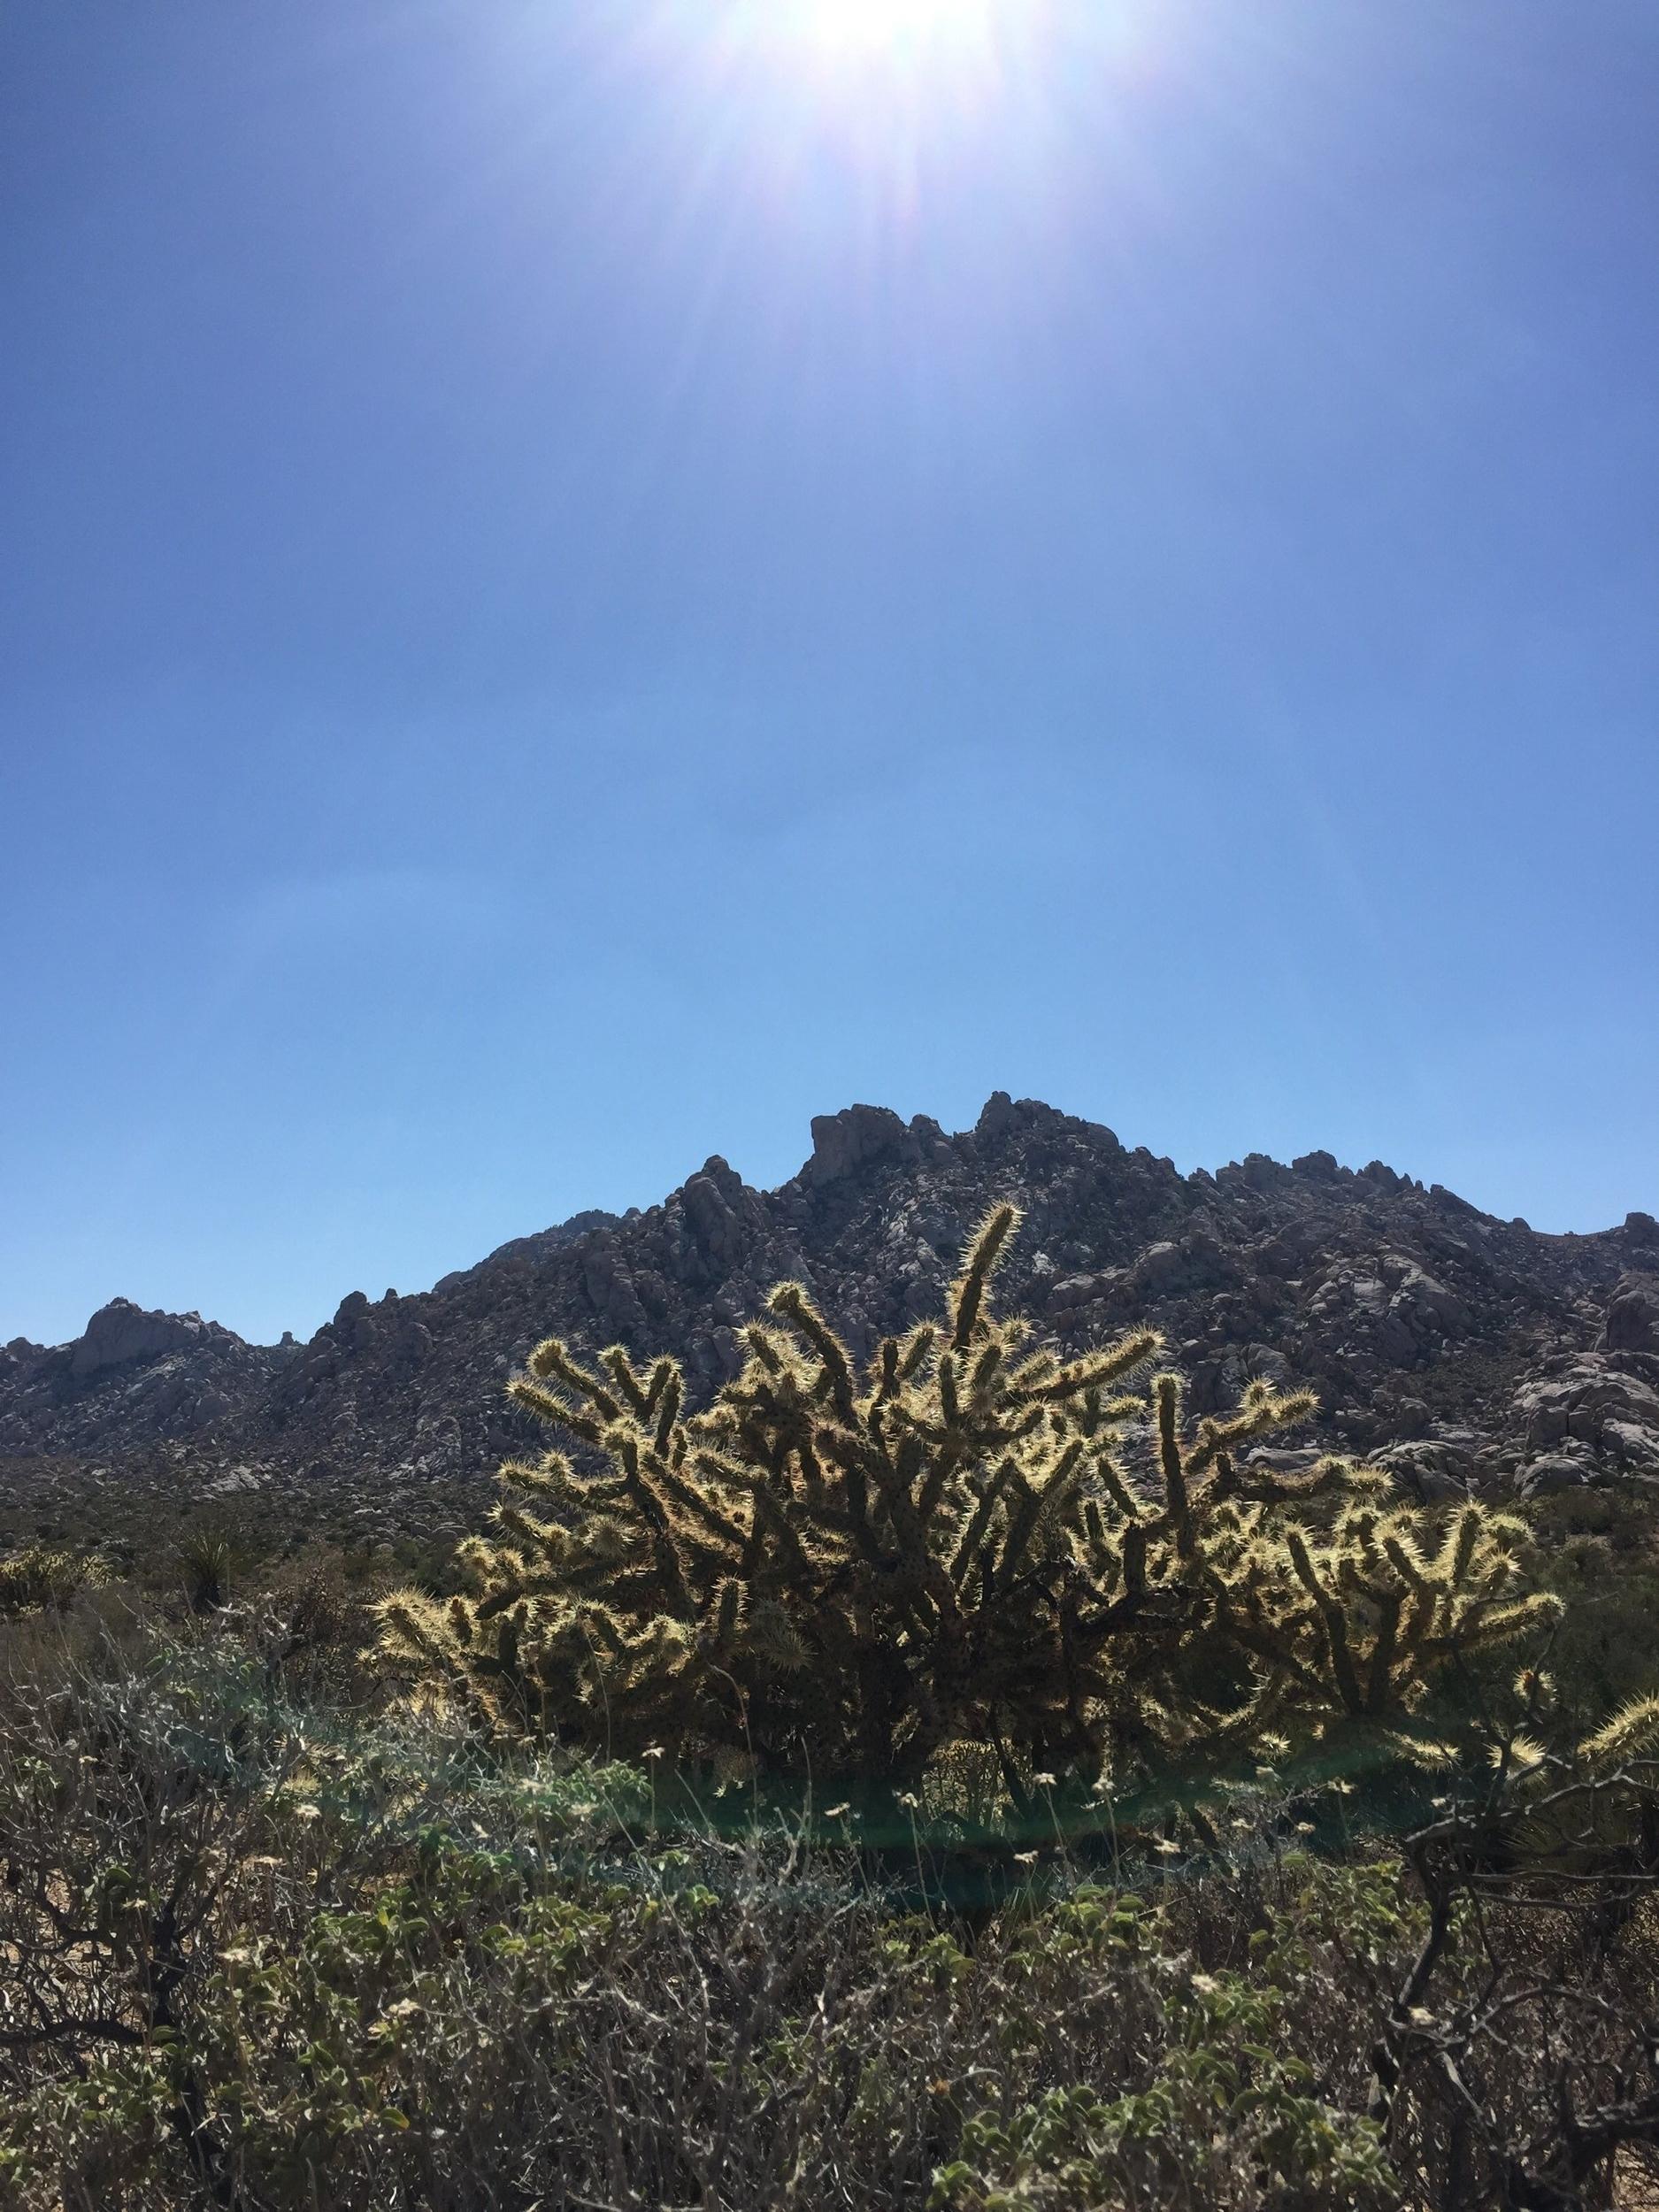 desert-hot-springs-cactus-sunshine.jpg